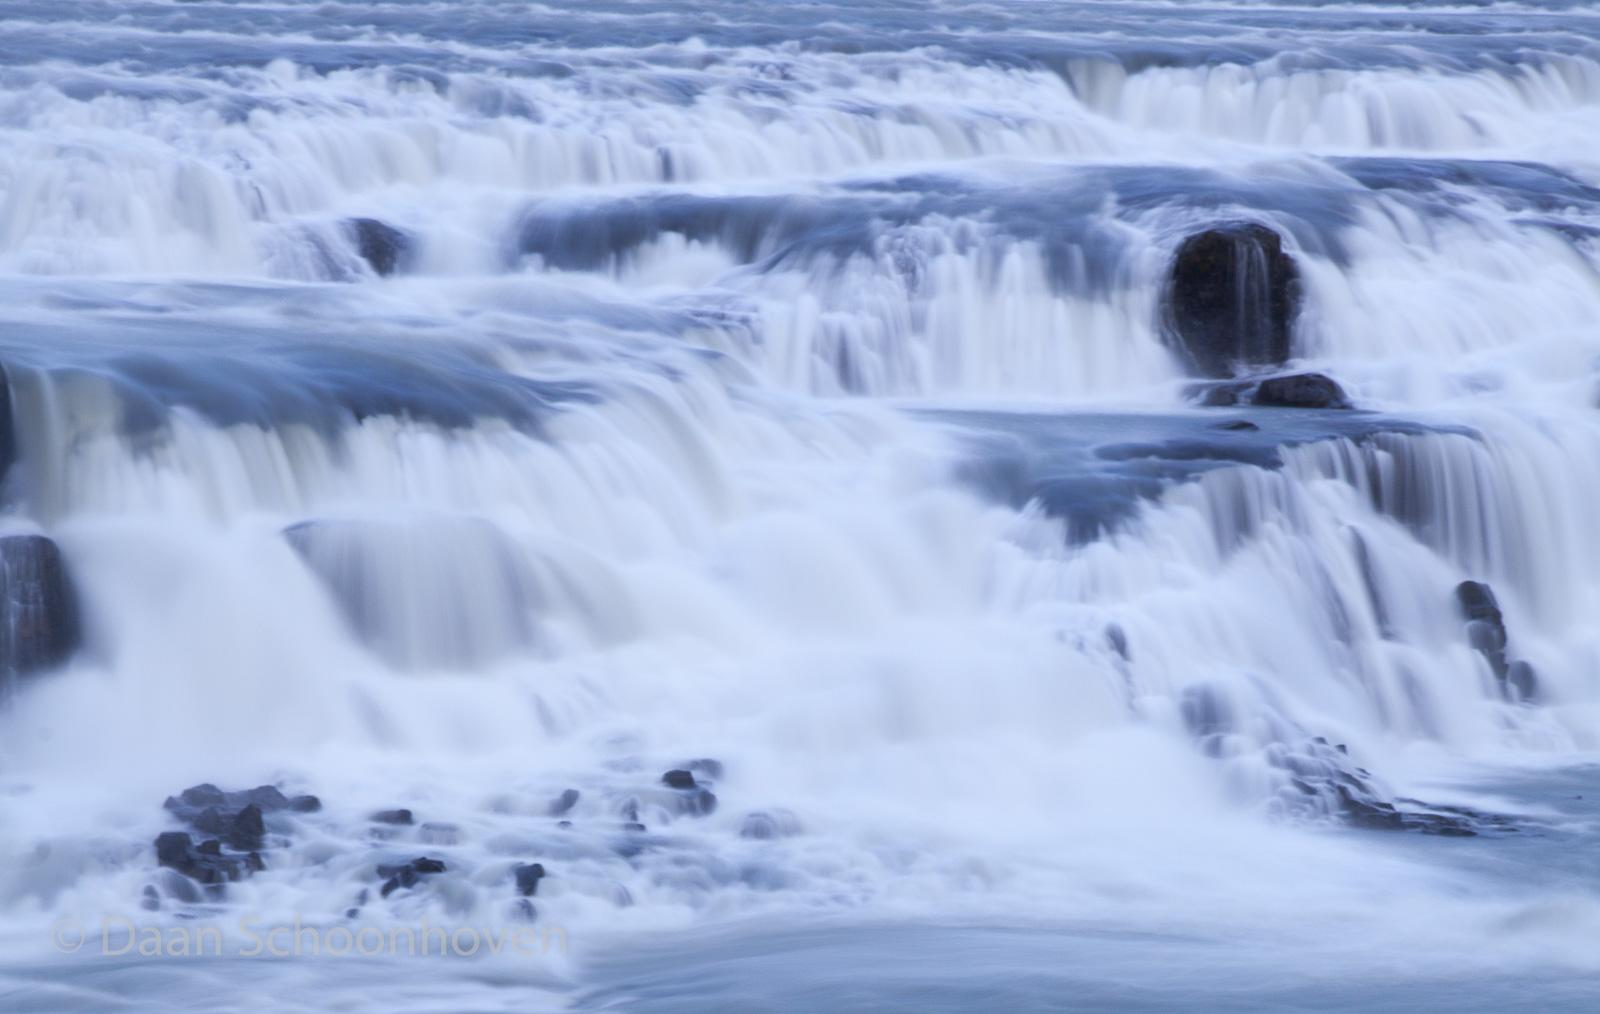 IJsland_selectie_Photographer- Daan Schoonhoven20150914-_MG_9224